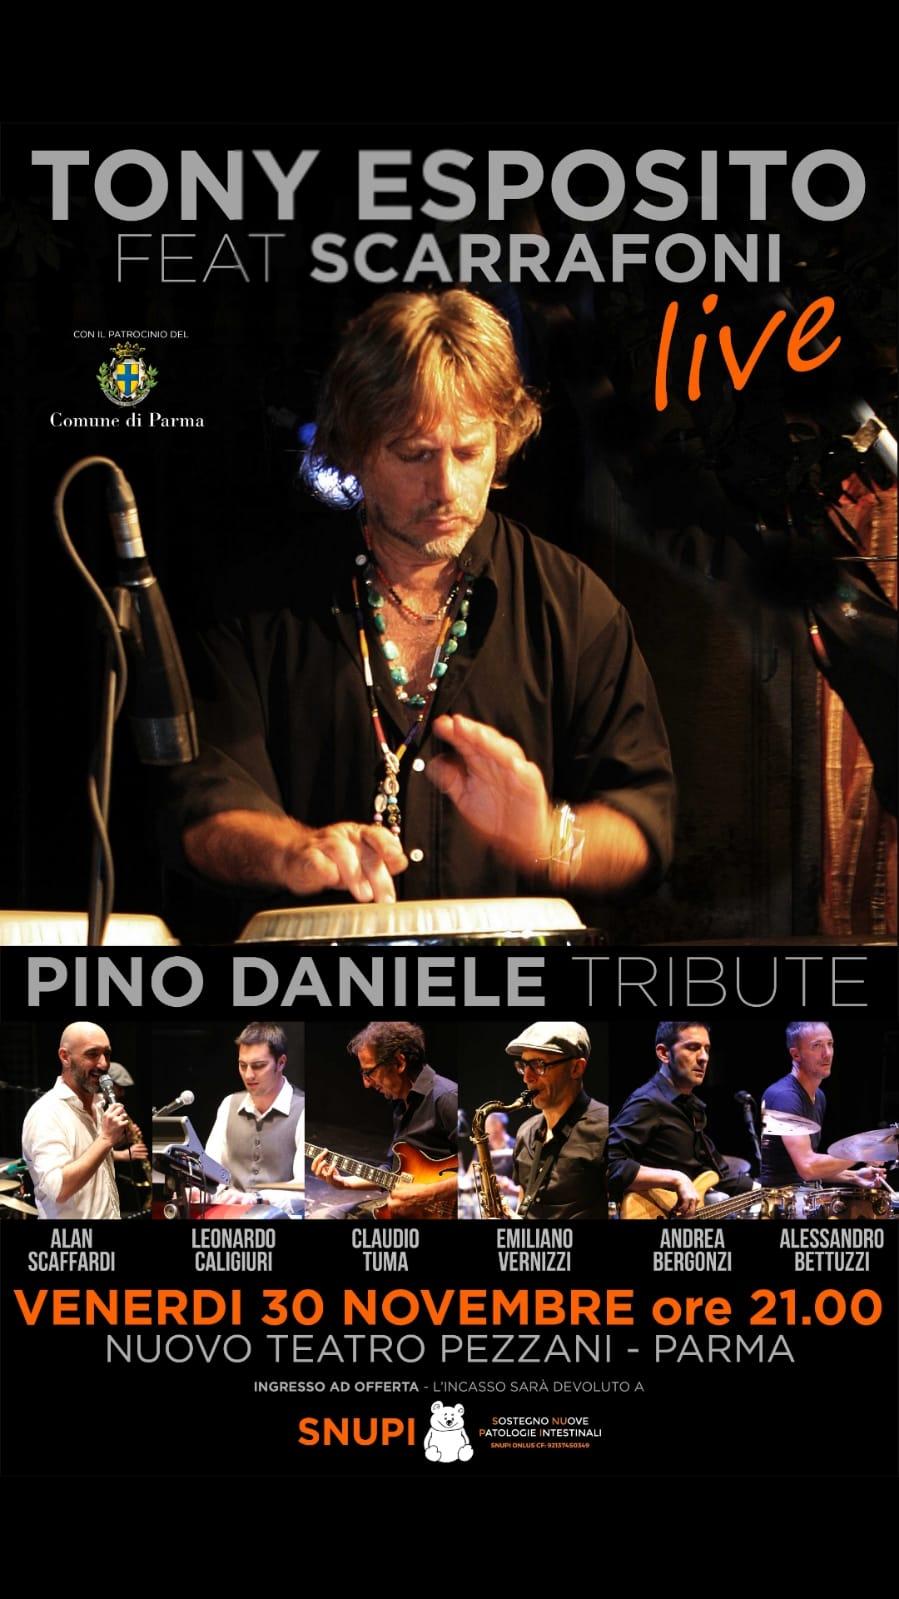 Pino Daniele Tribute, 30 Novembre 2018